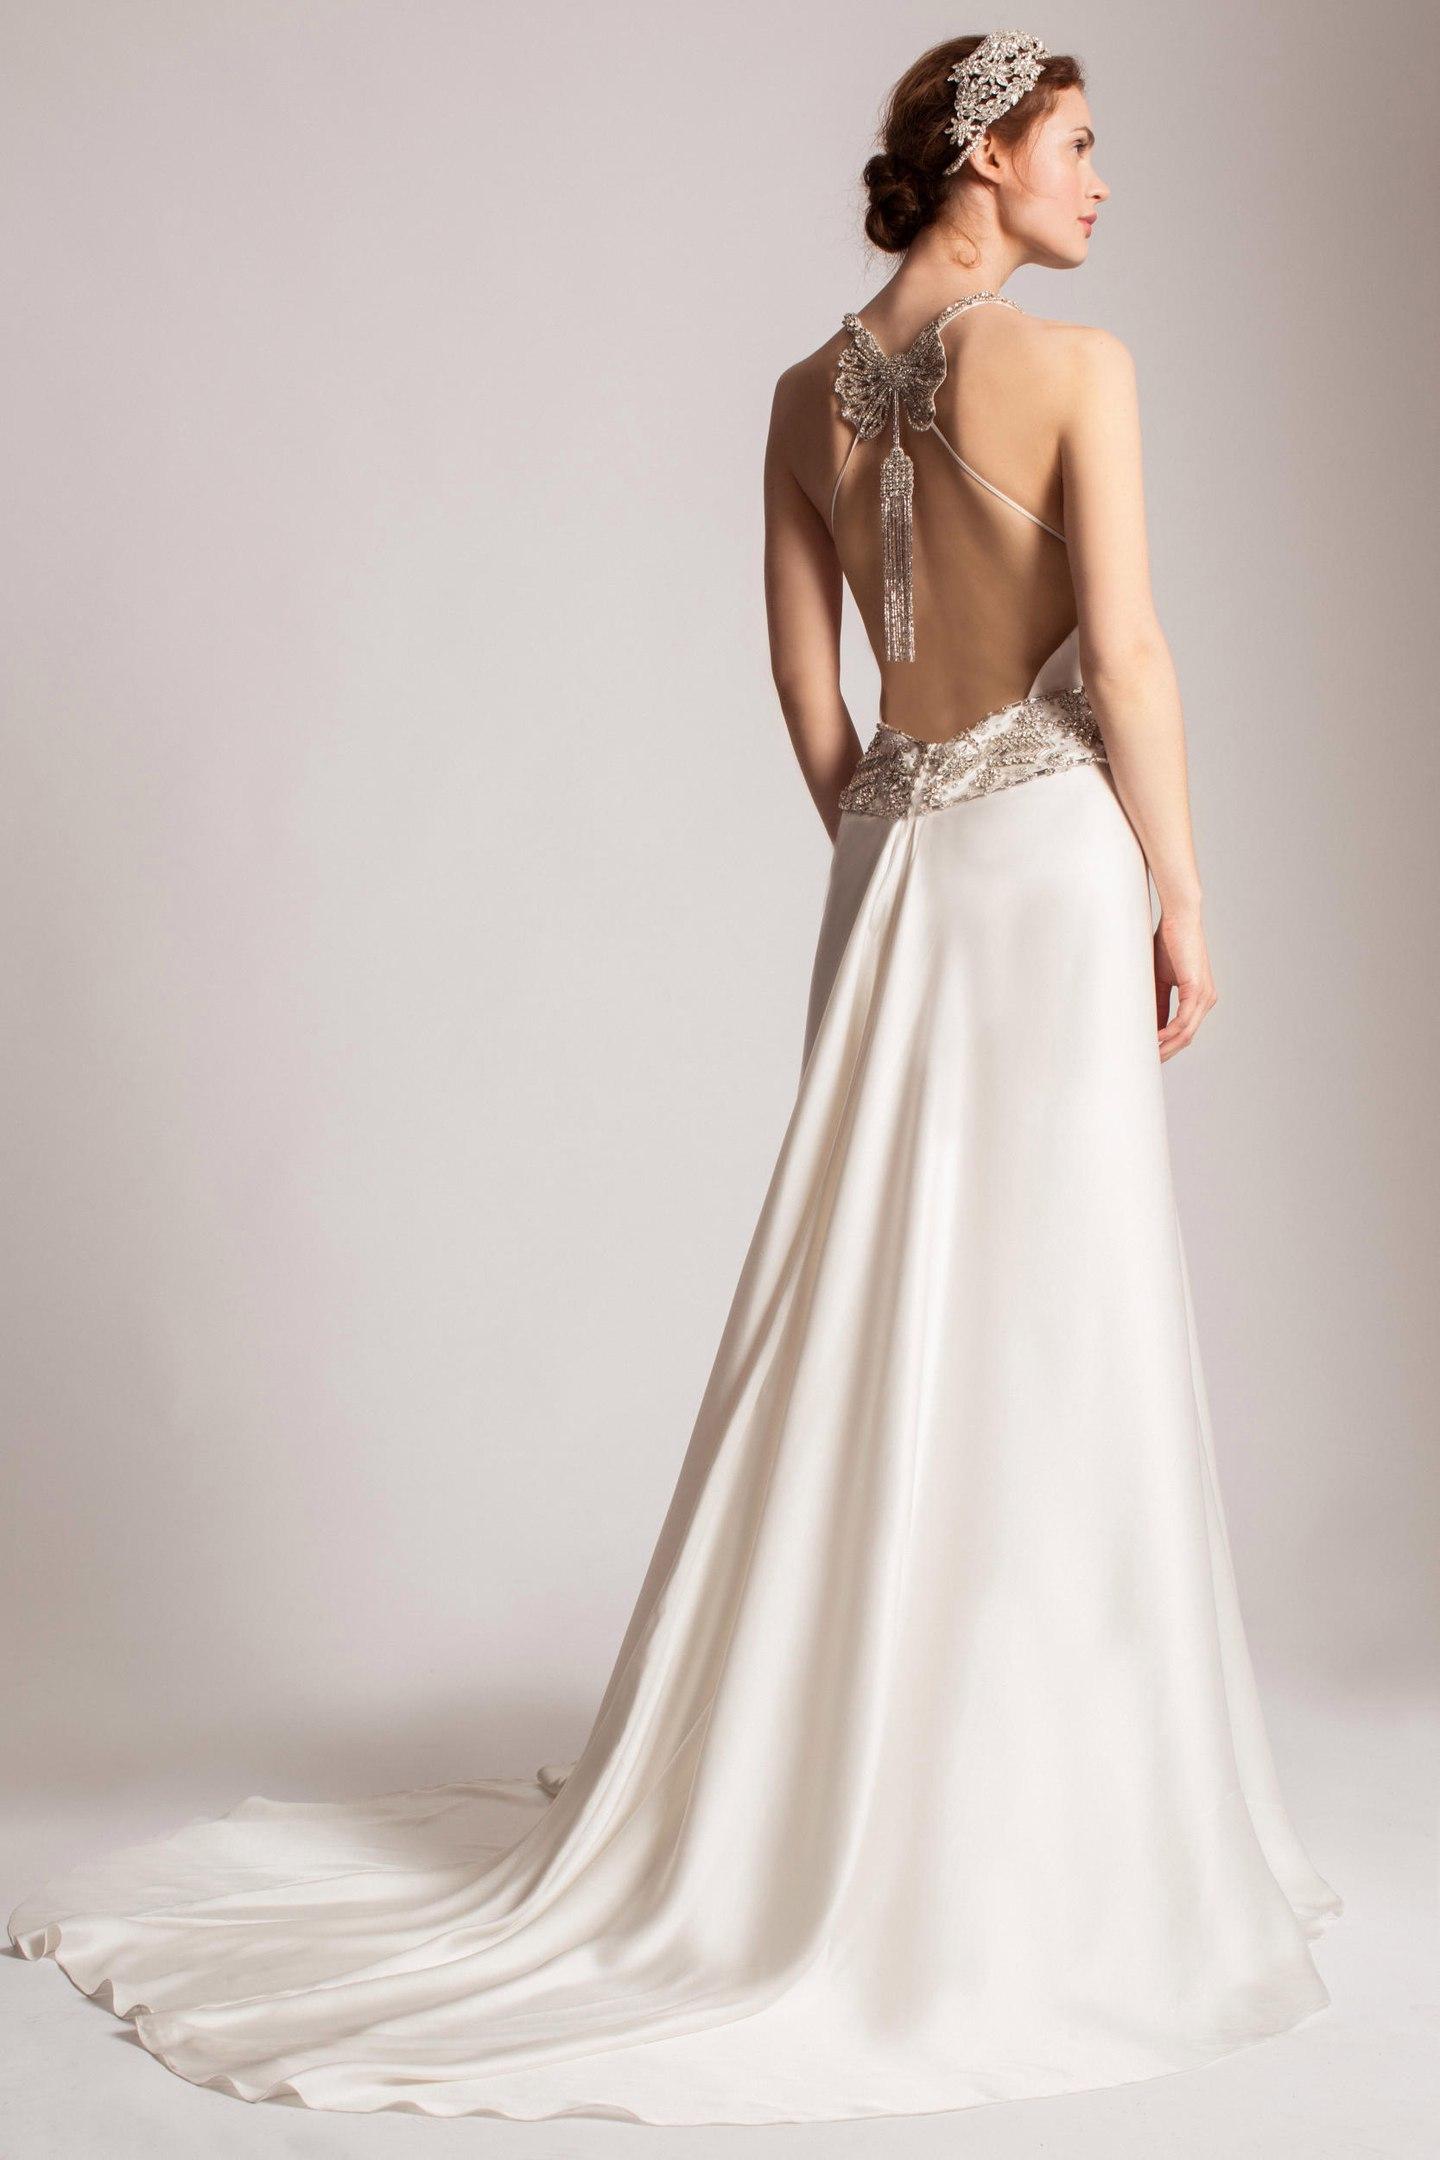 невеста в свадебном платье с открытой спиной